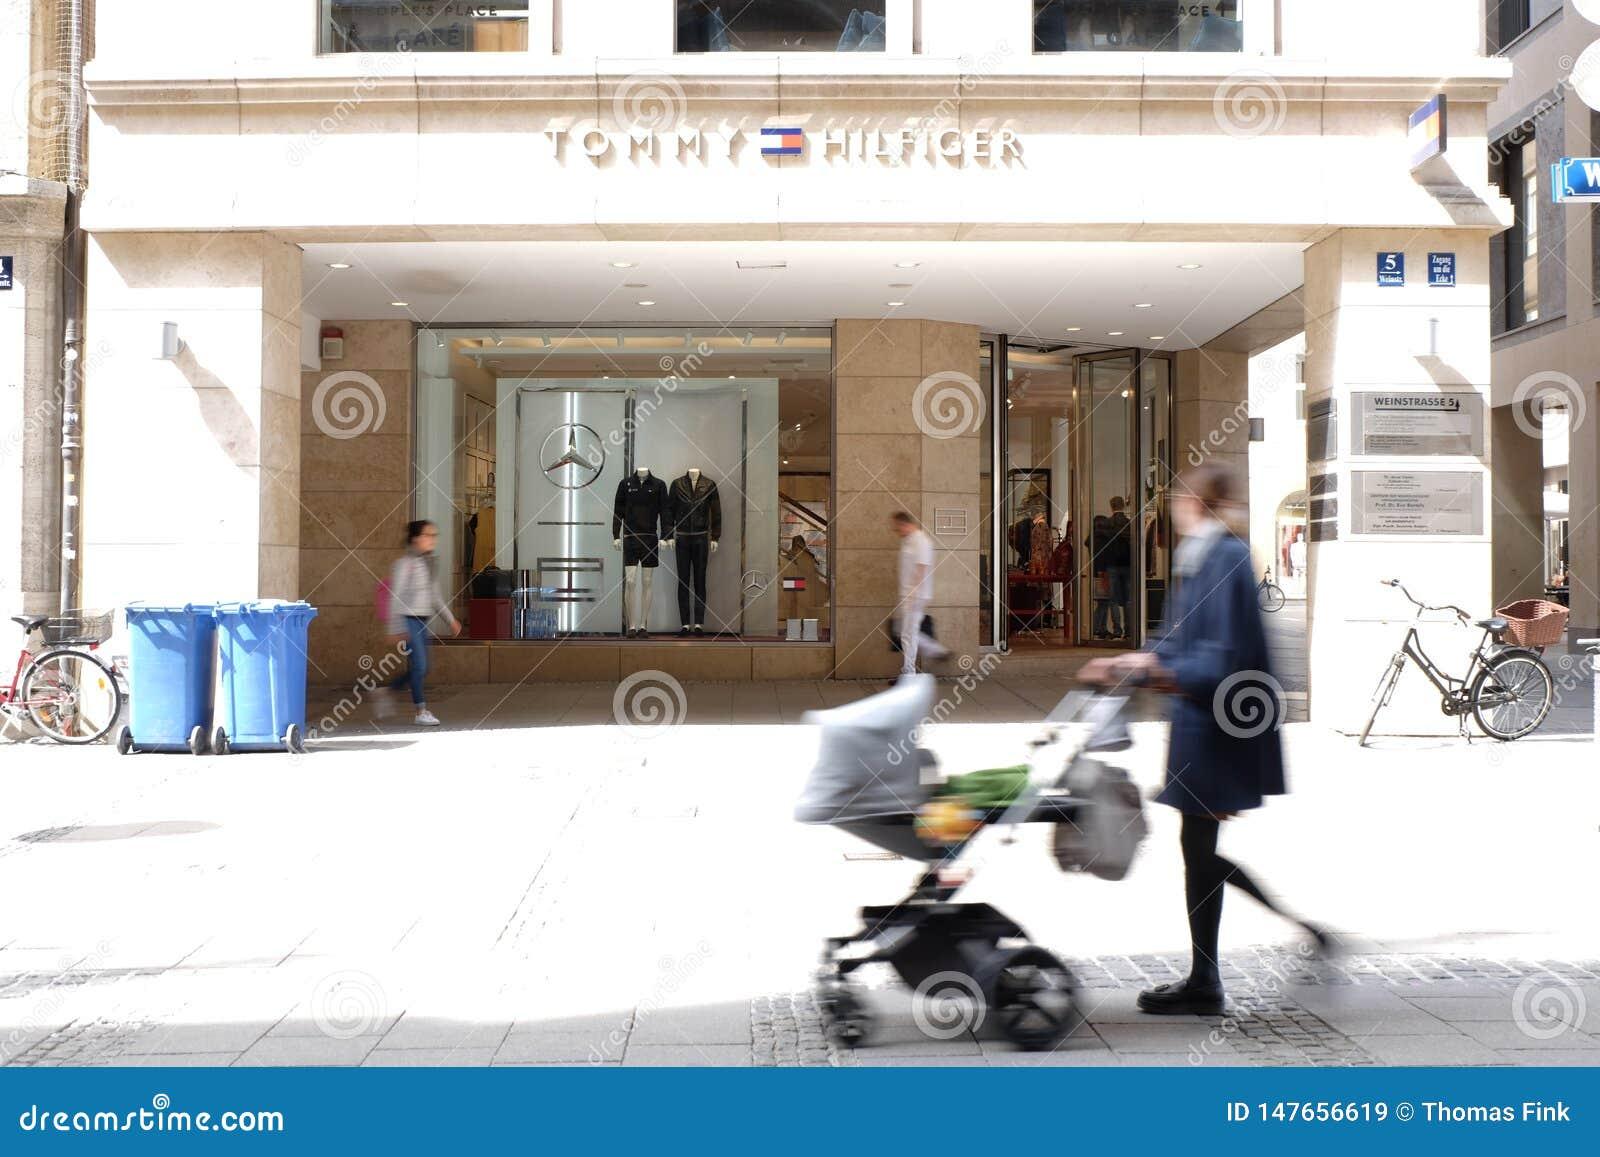 Tommy Hilfiger Shop A Monaco Di Baviera Immagine Stock